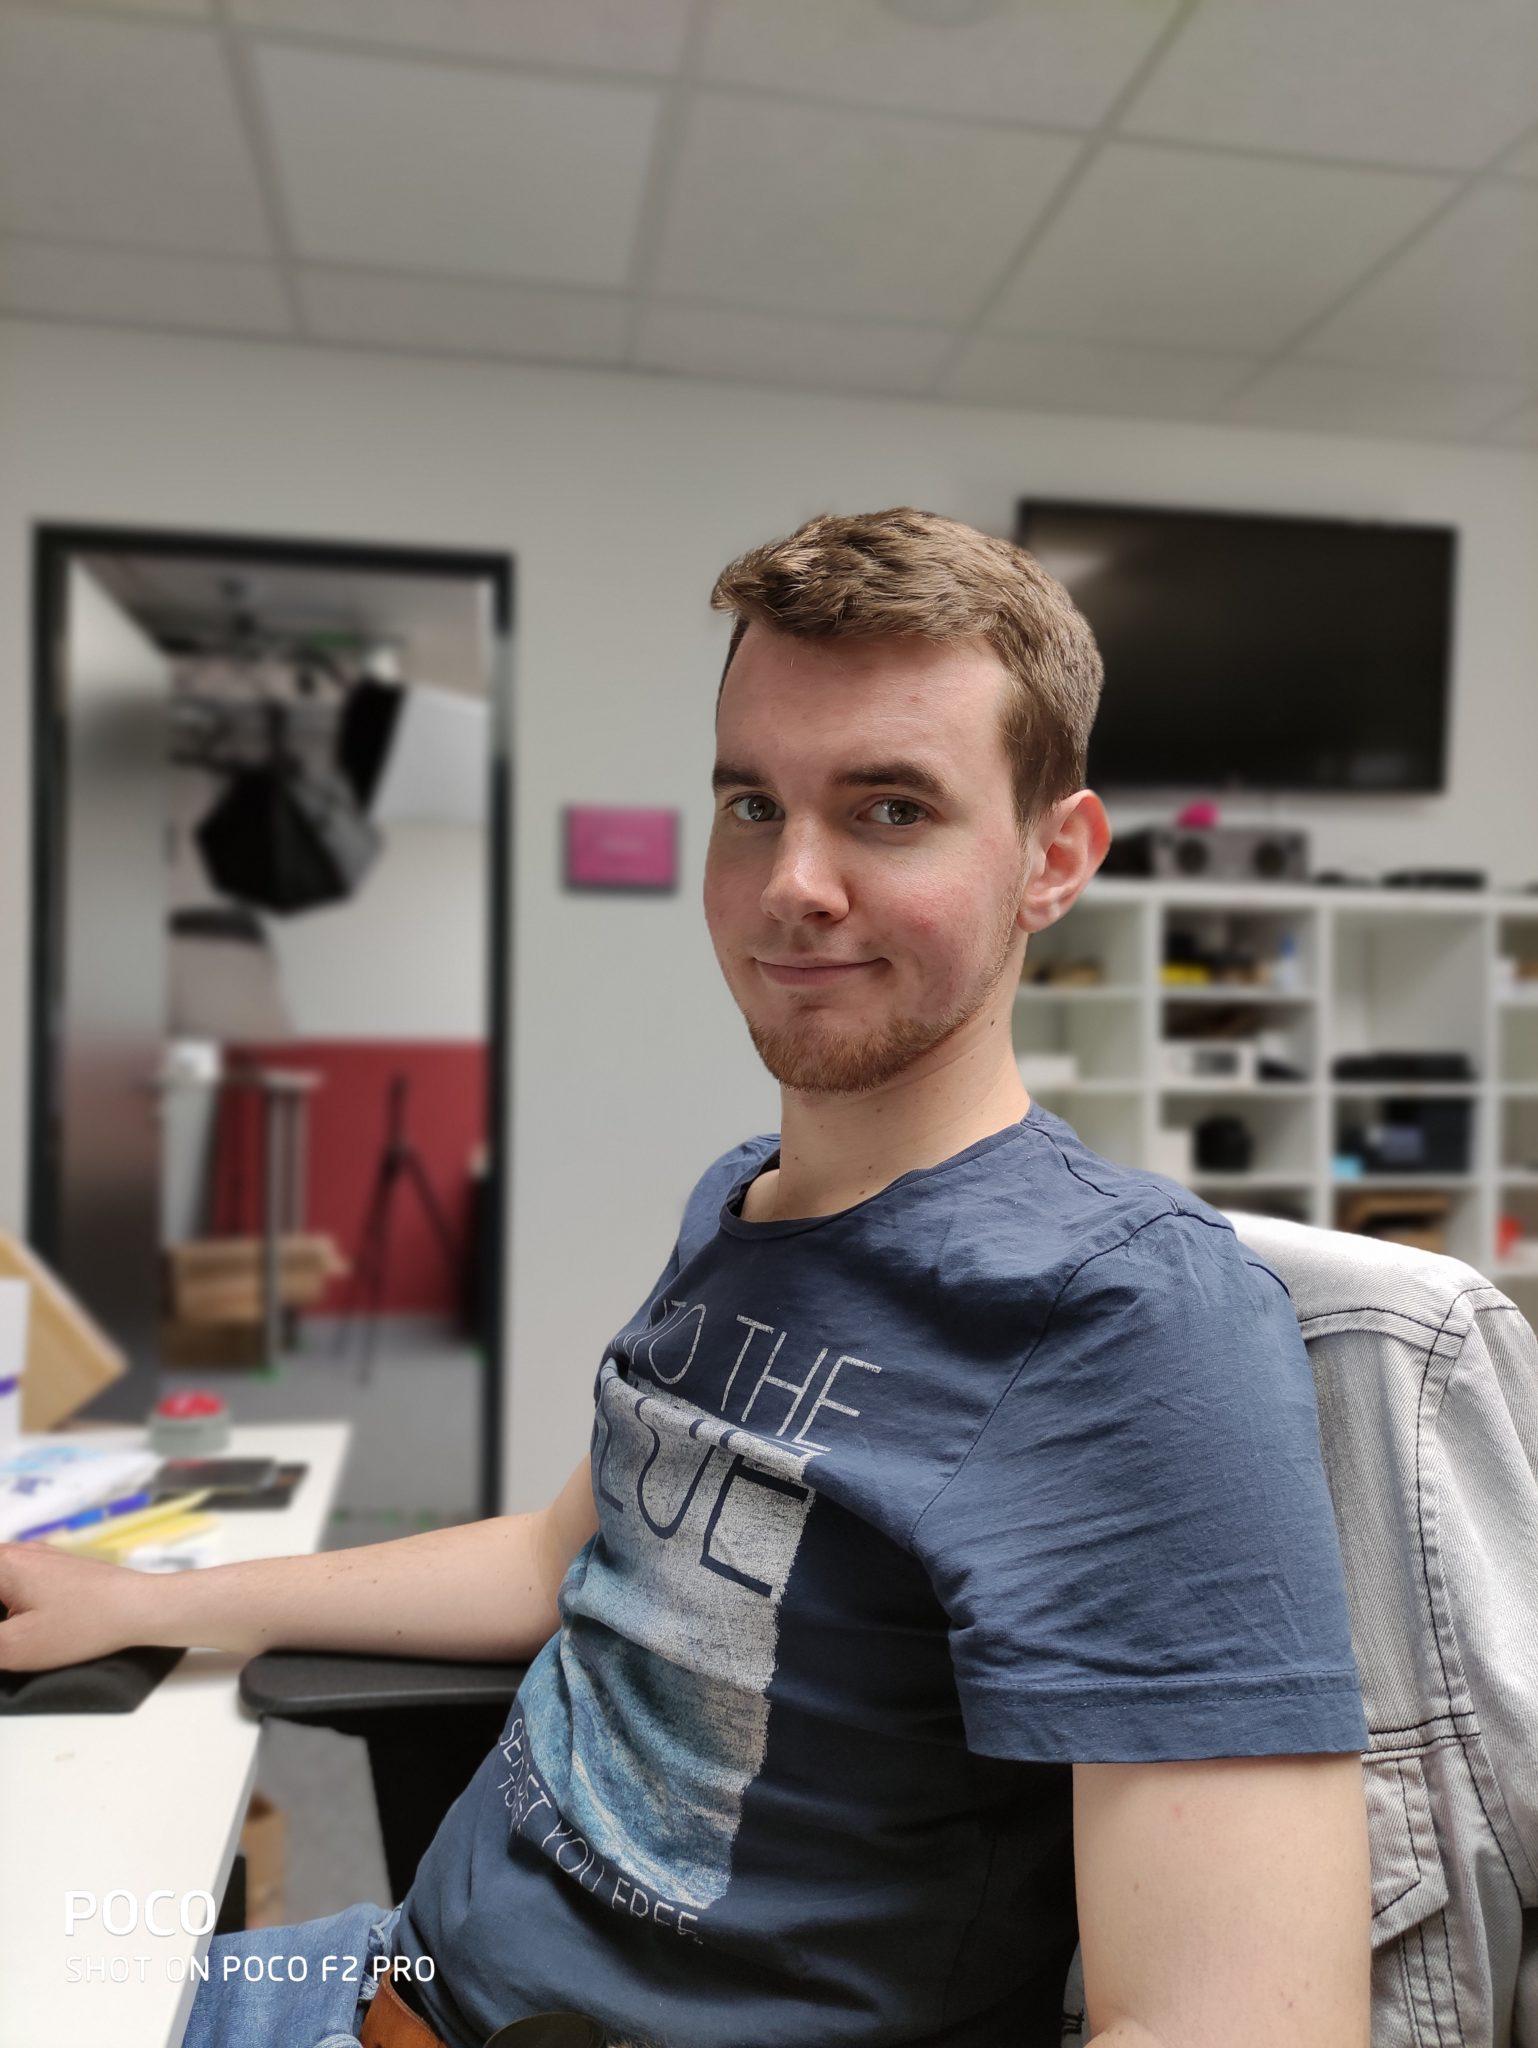 Foto de prueba de una persona con el modo retrato de la cámara principal Pocophone F2 Pro